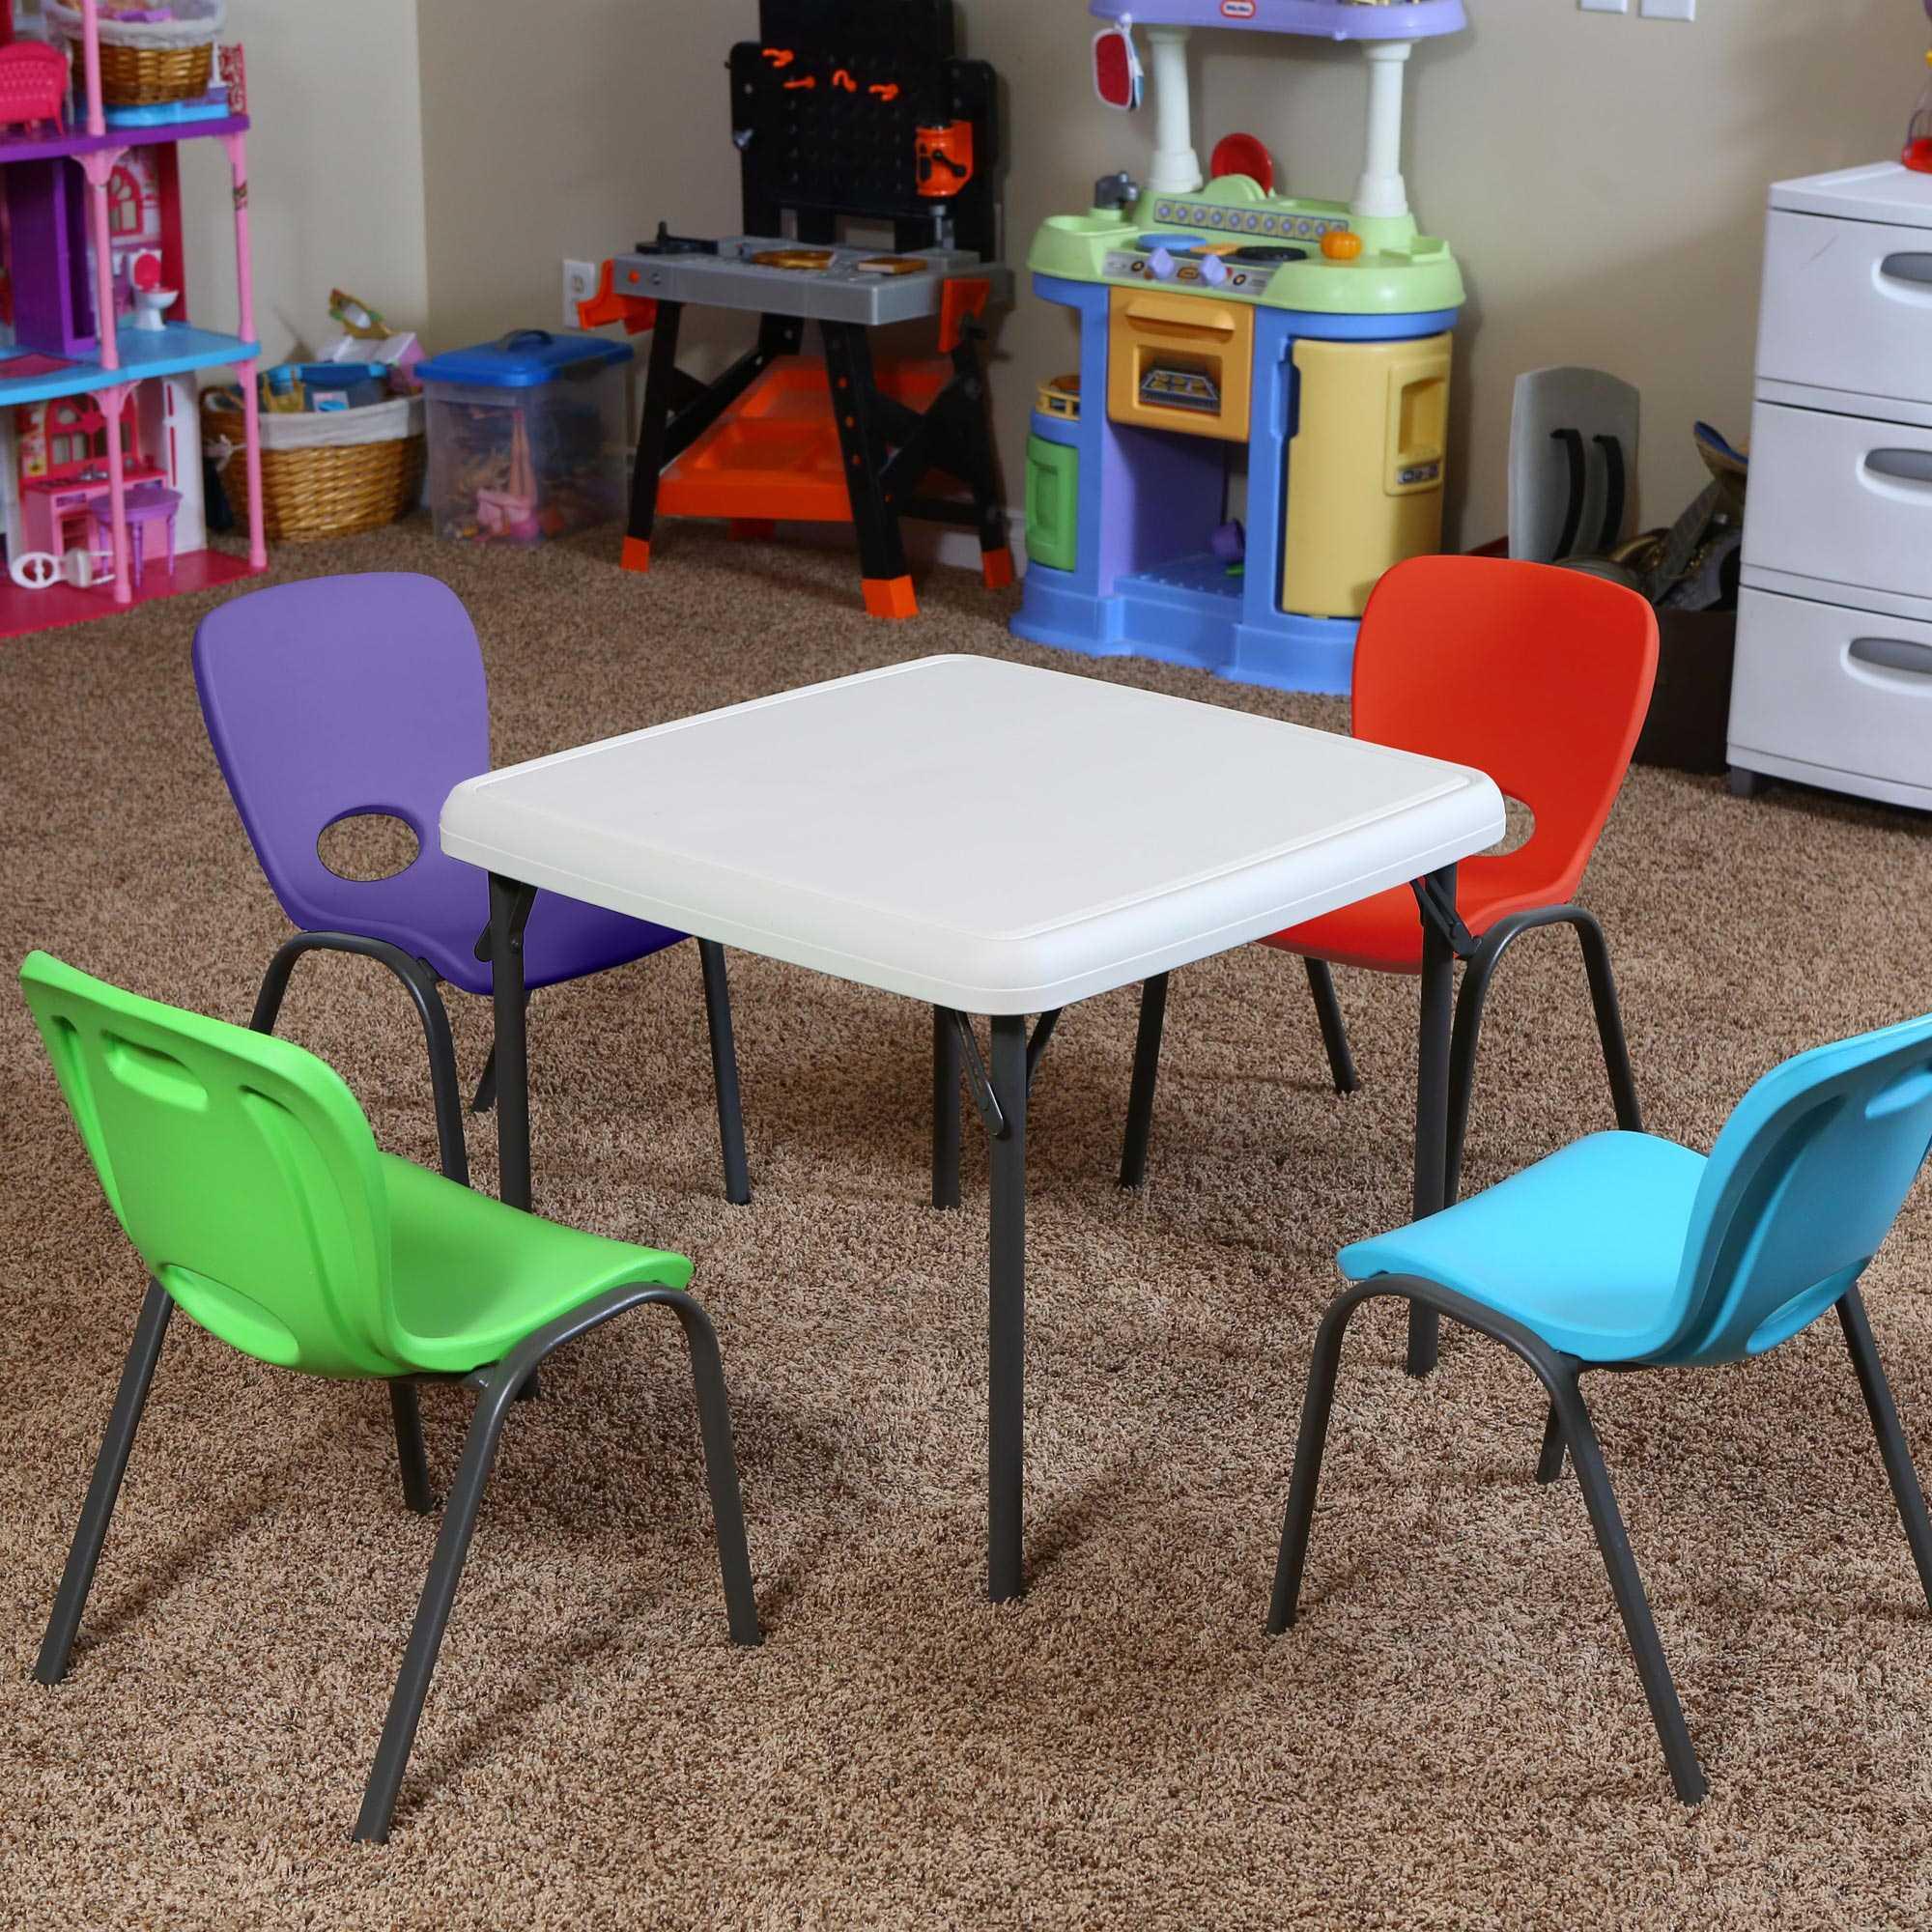 chaise enfant empilable rouge chaise pliante et empilable chaise empilable. Black Bedroom Furniture Sets. Home Design Ideas